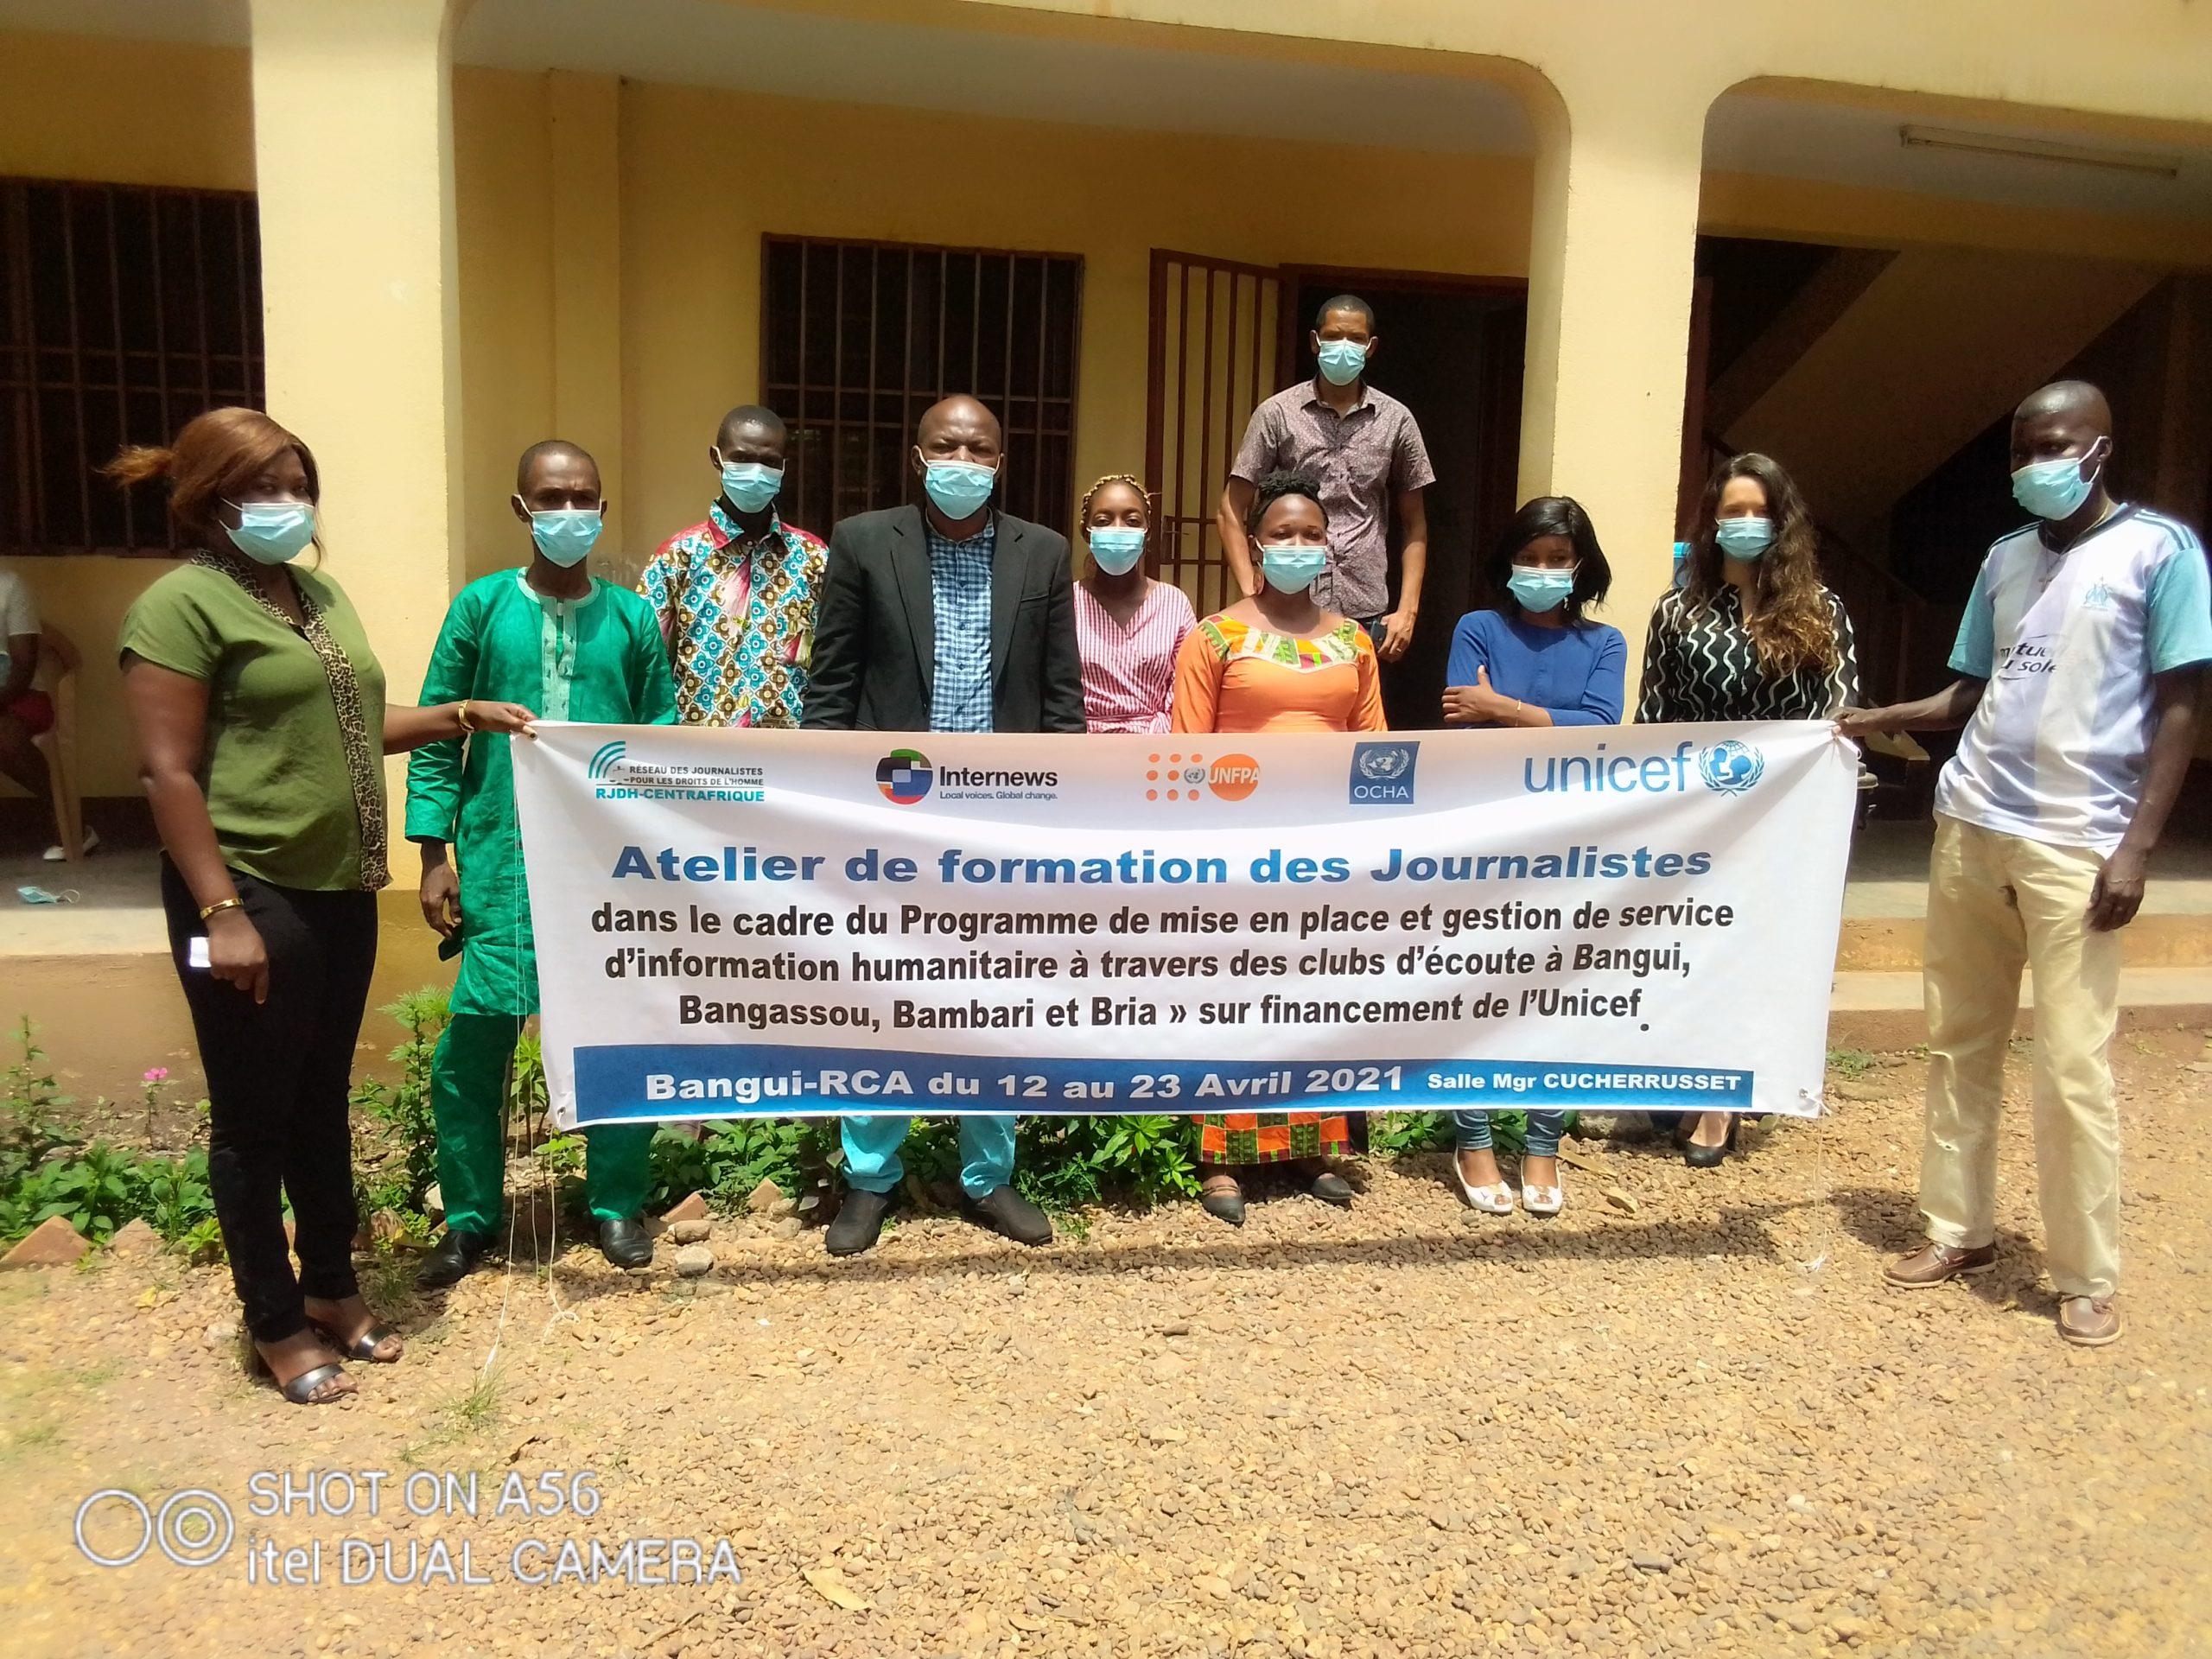 Centrafrique : Vers la mise en place d'un service d'information humanitaire par le RJDH et l'Unicef dans trois villes du pays